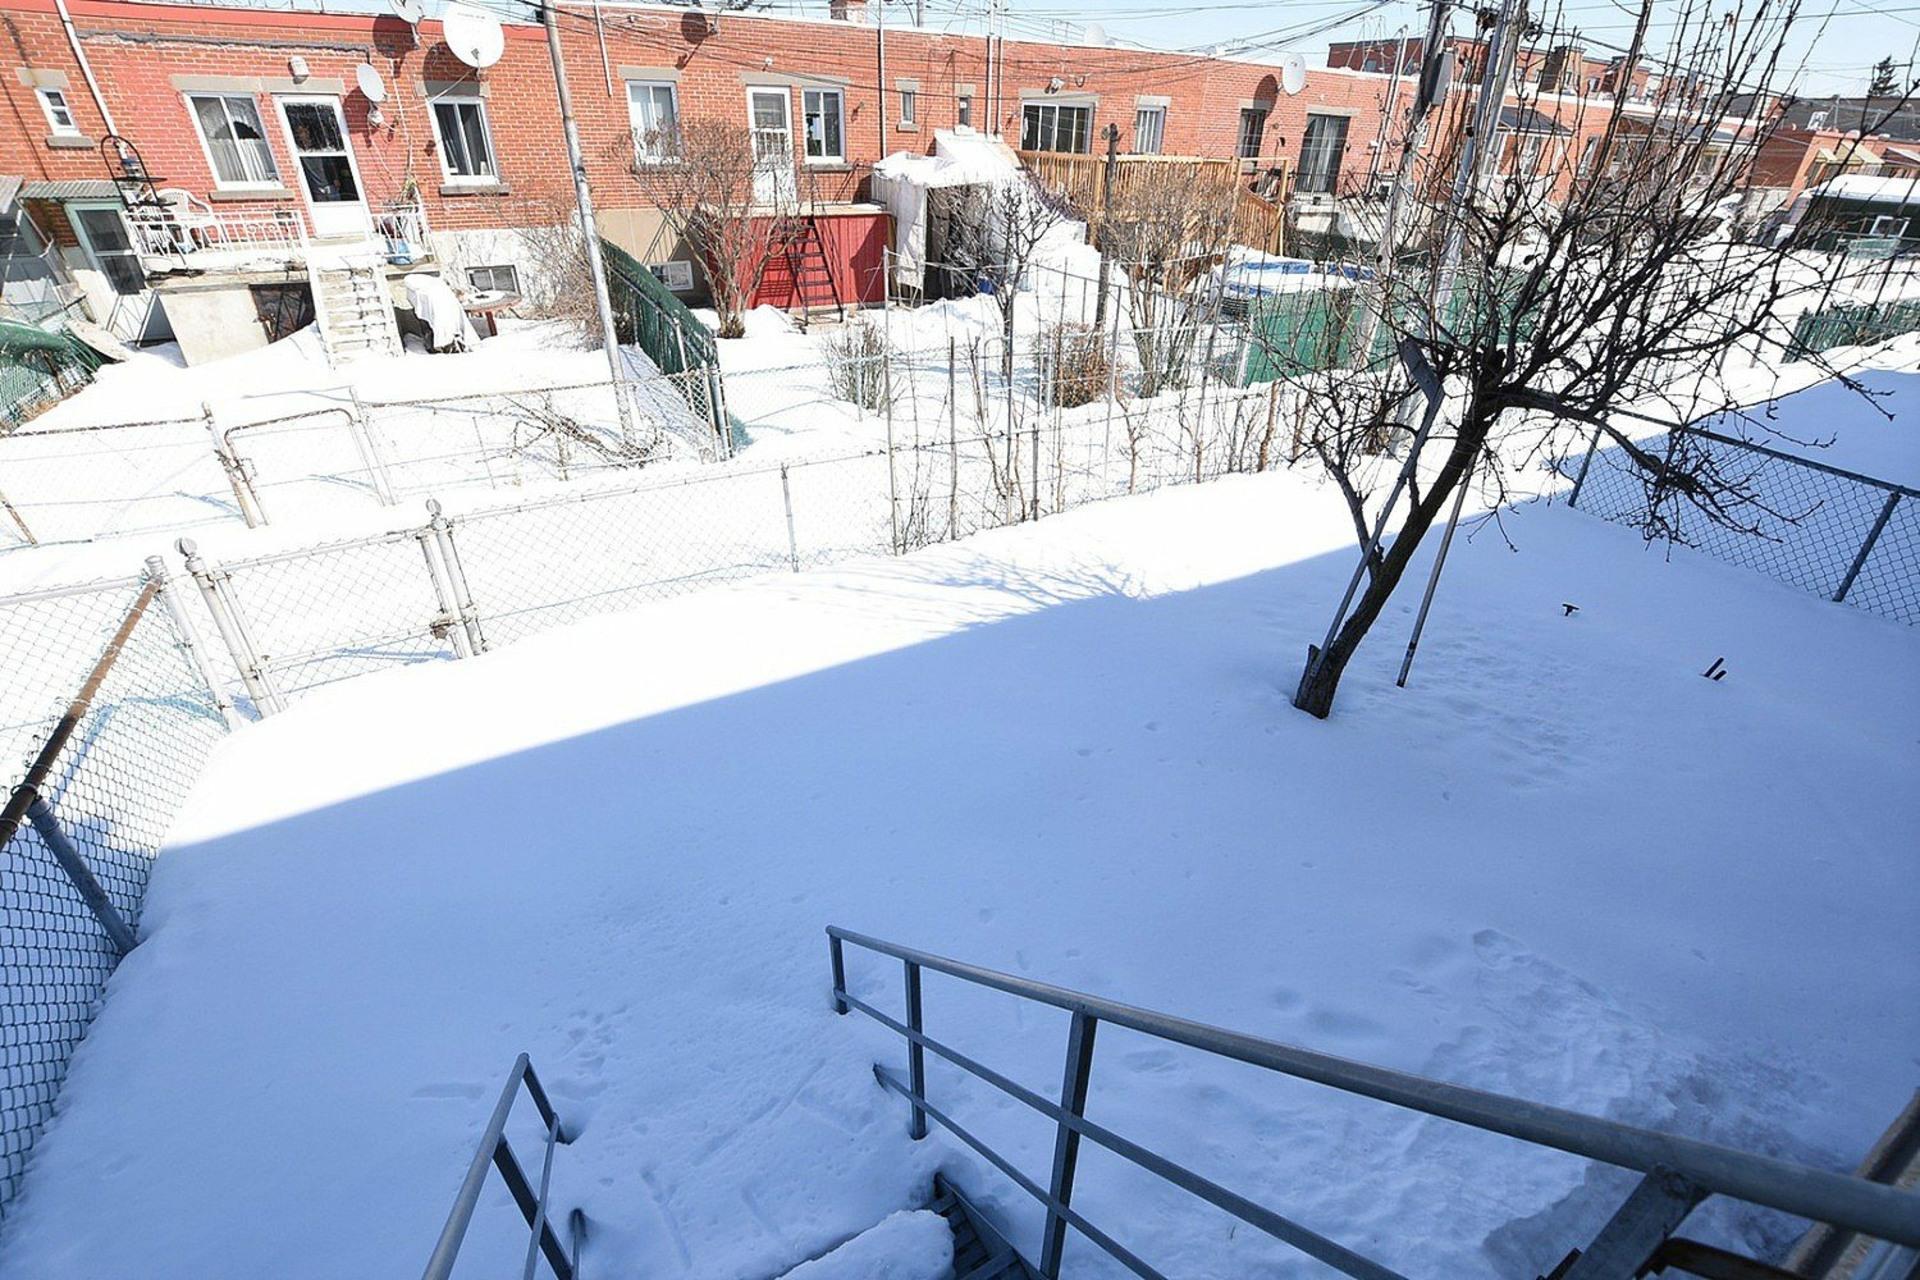 image 21 - Duplex À vendre Montréal Villeray/Saint-Michel/Parc-Extension  - 7 pièces